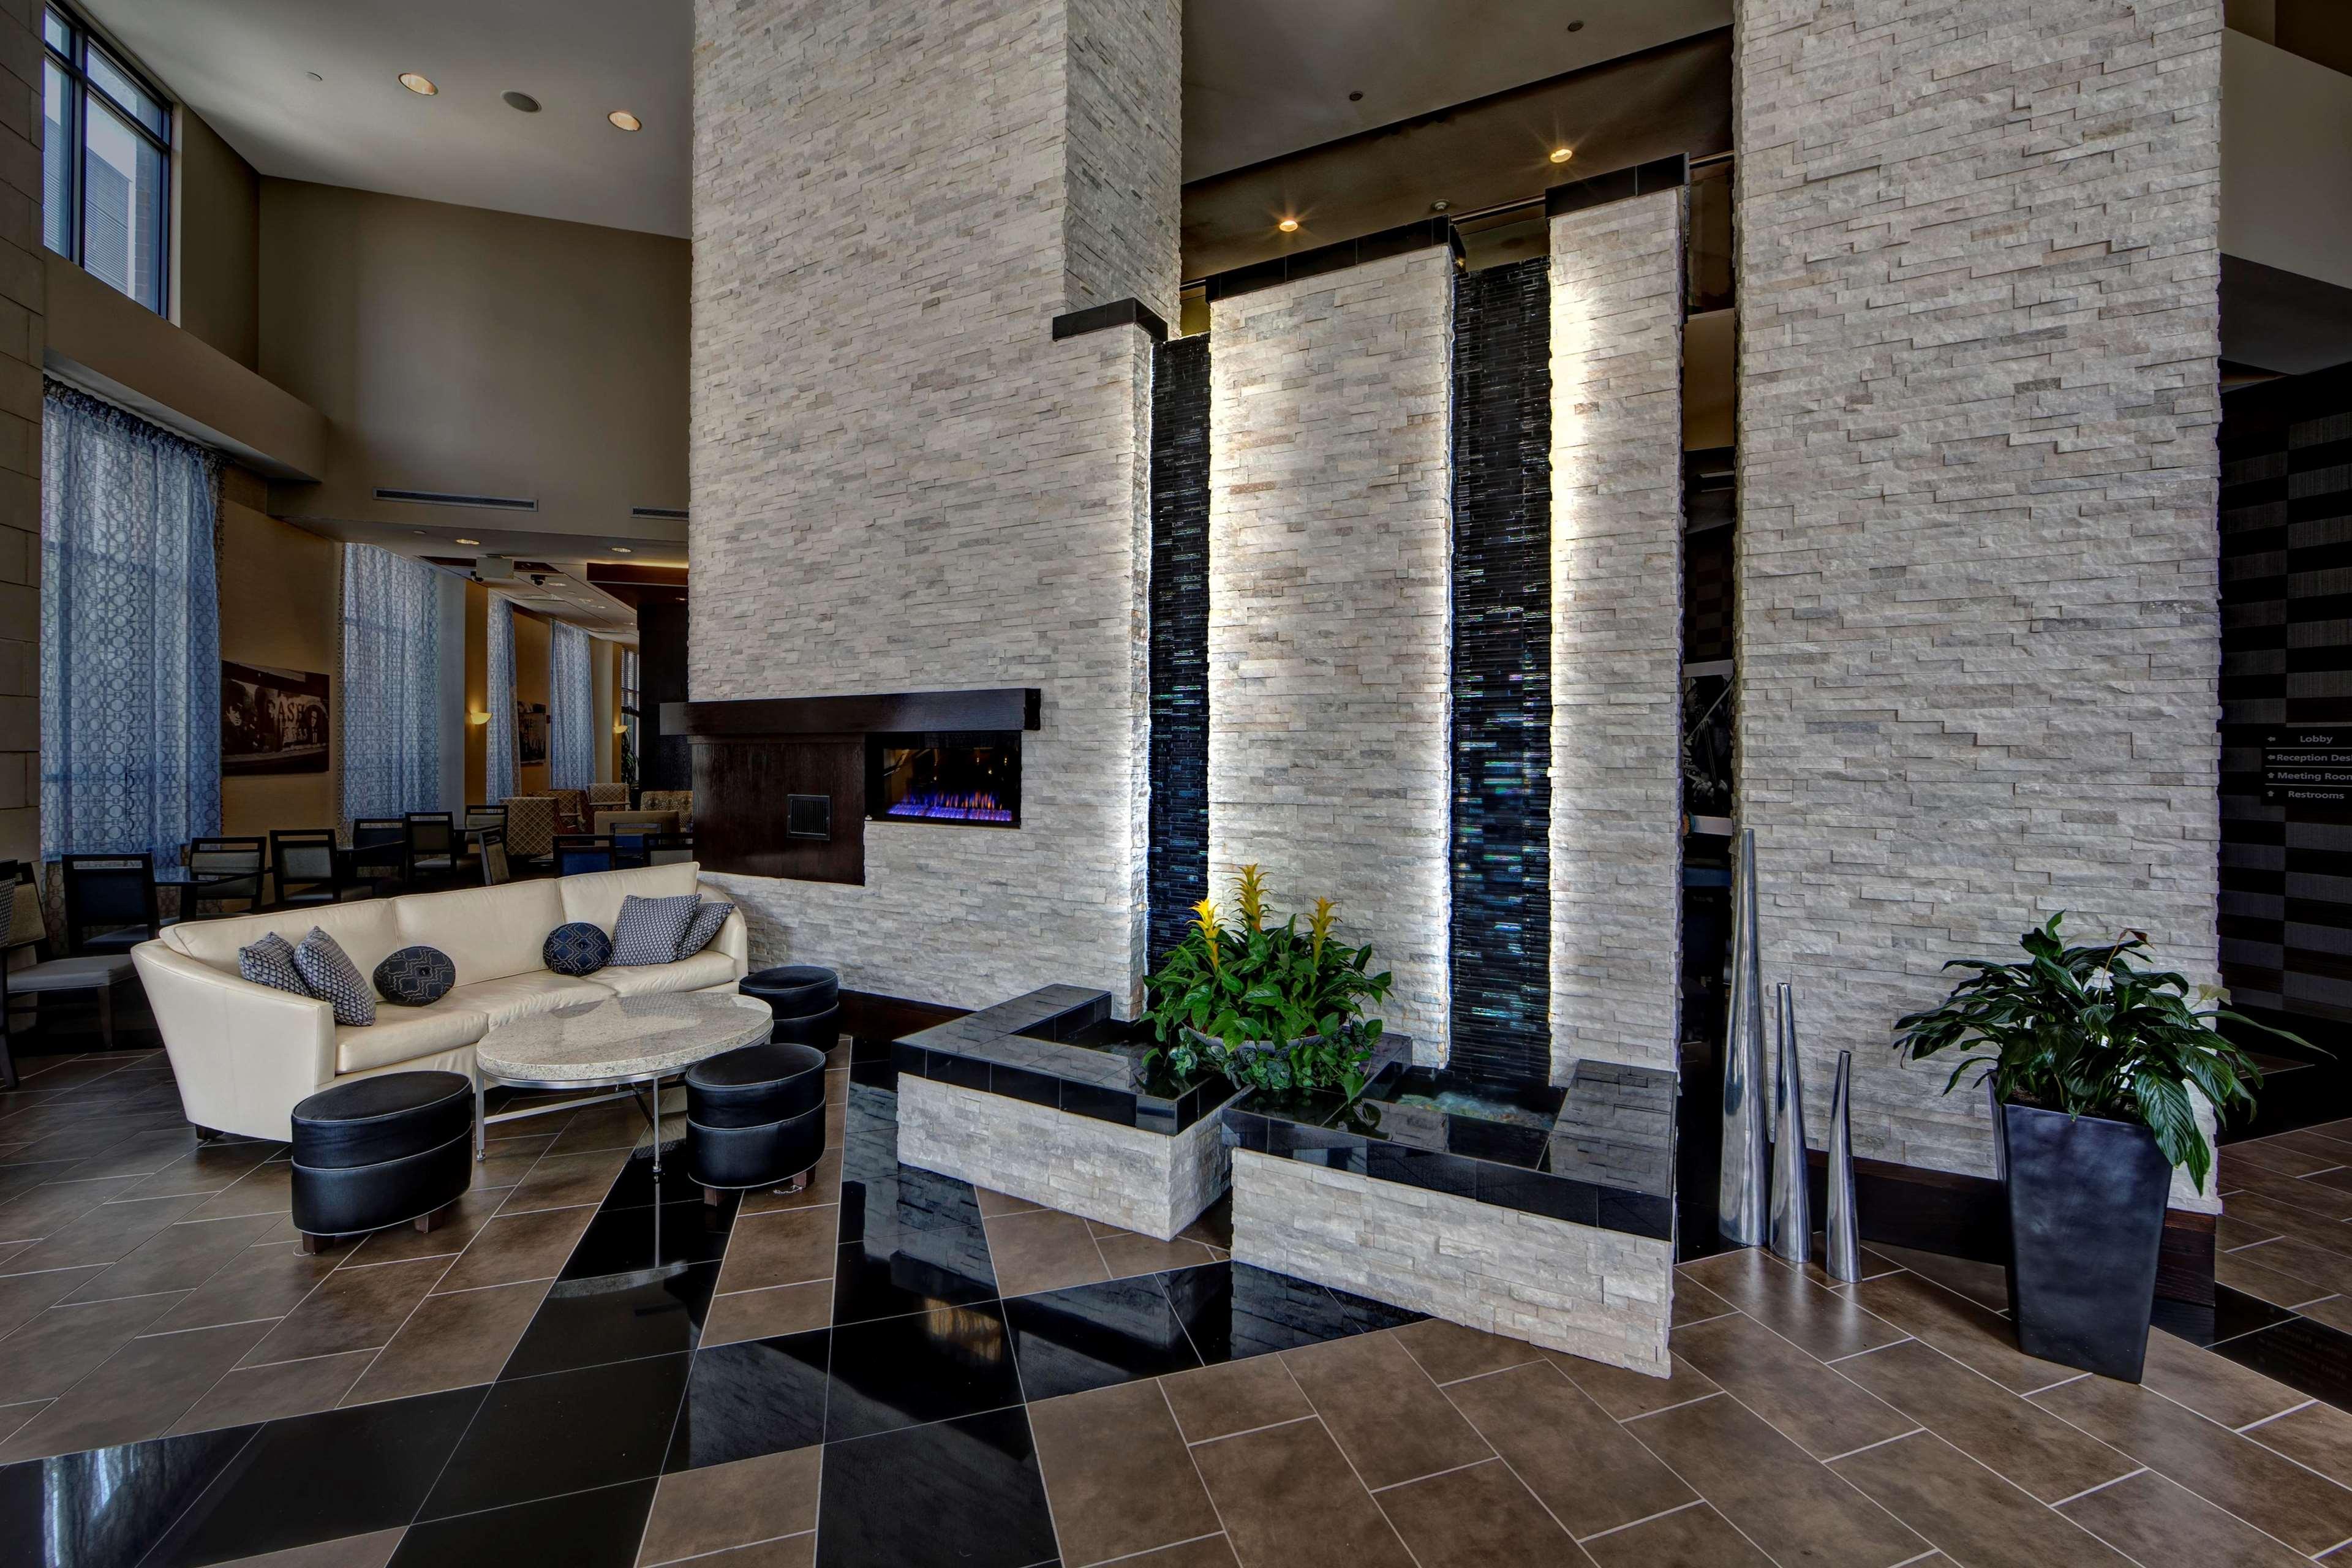 Waterfall at lobby